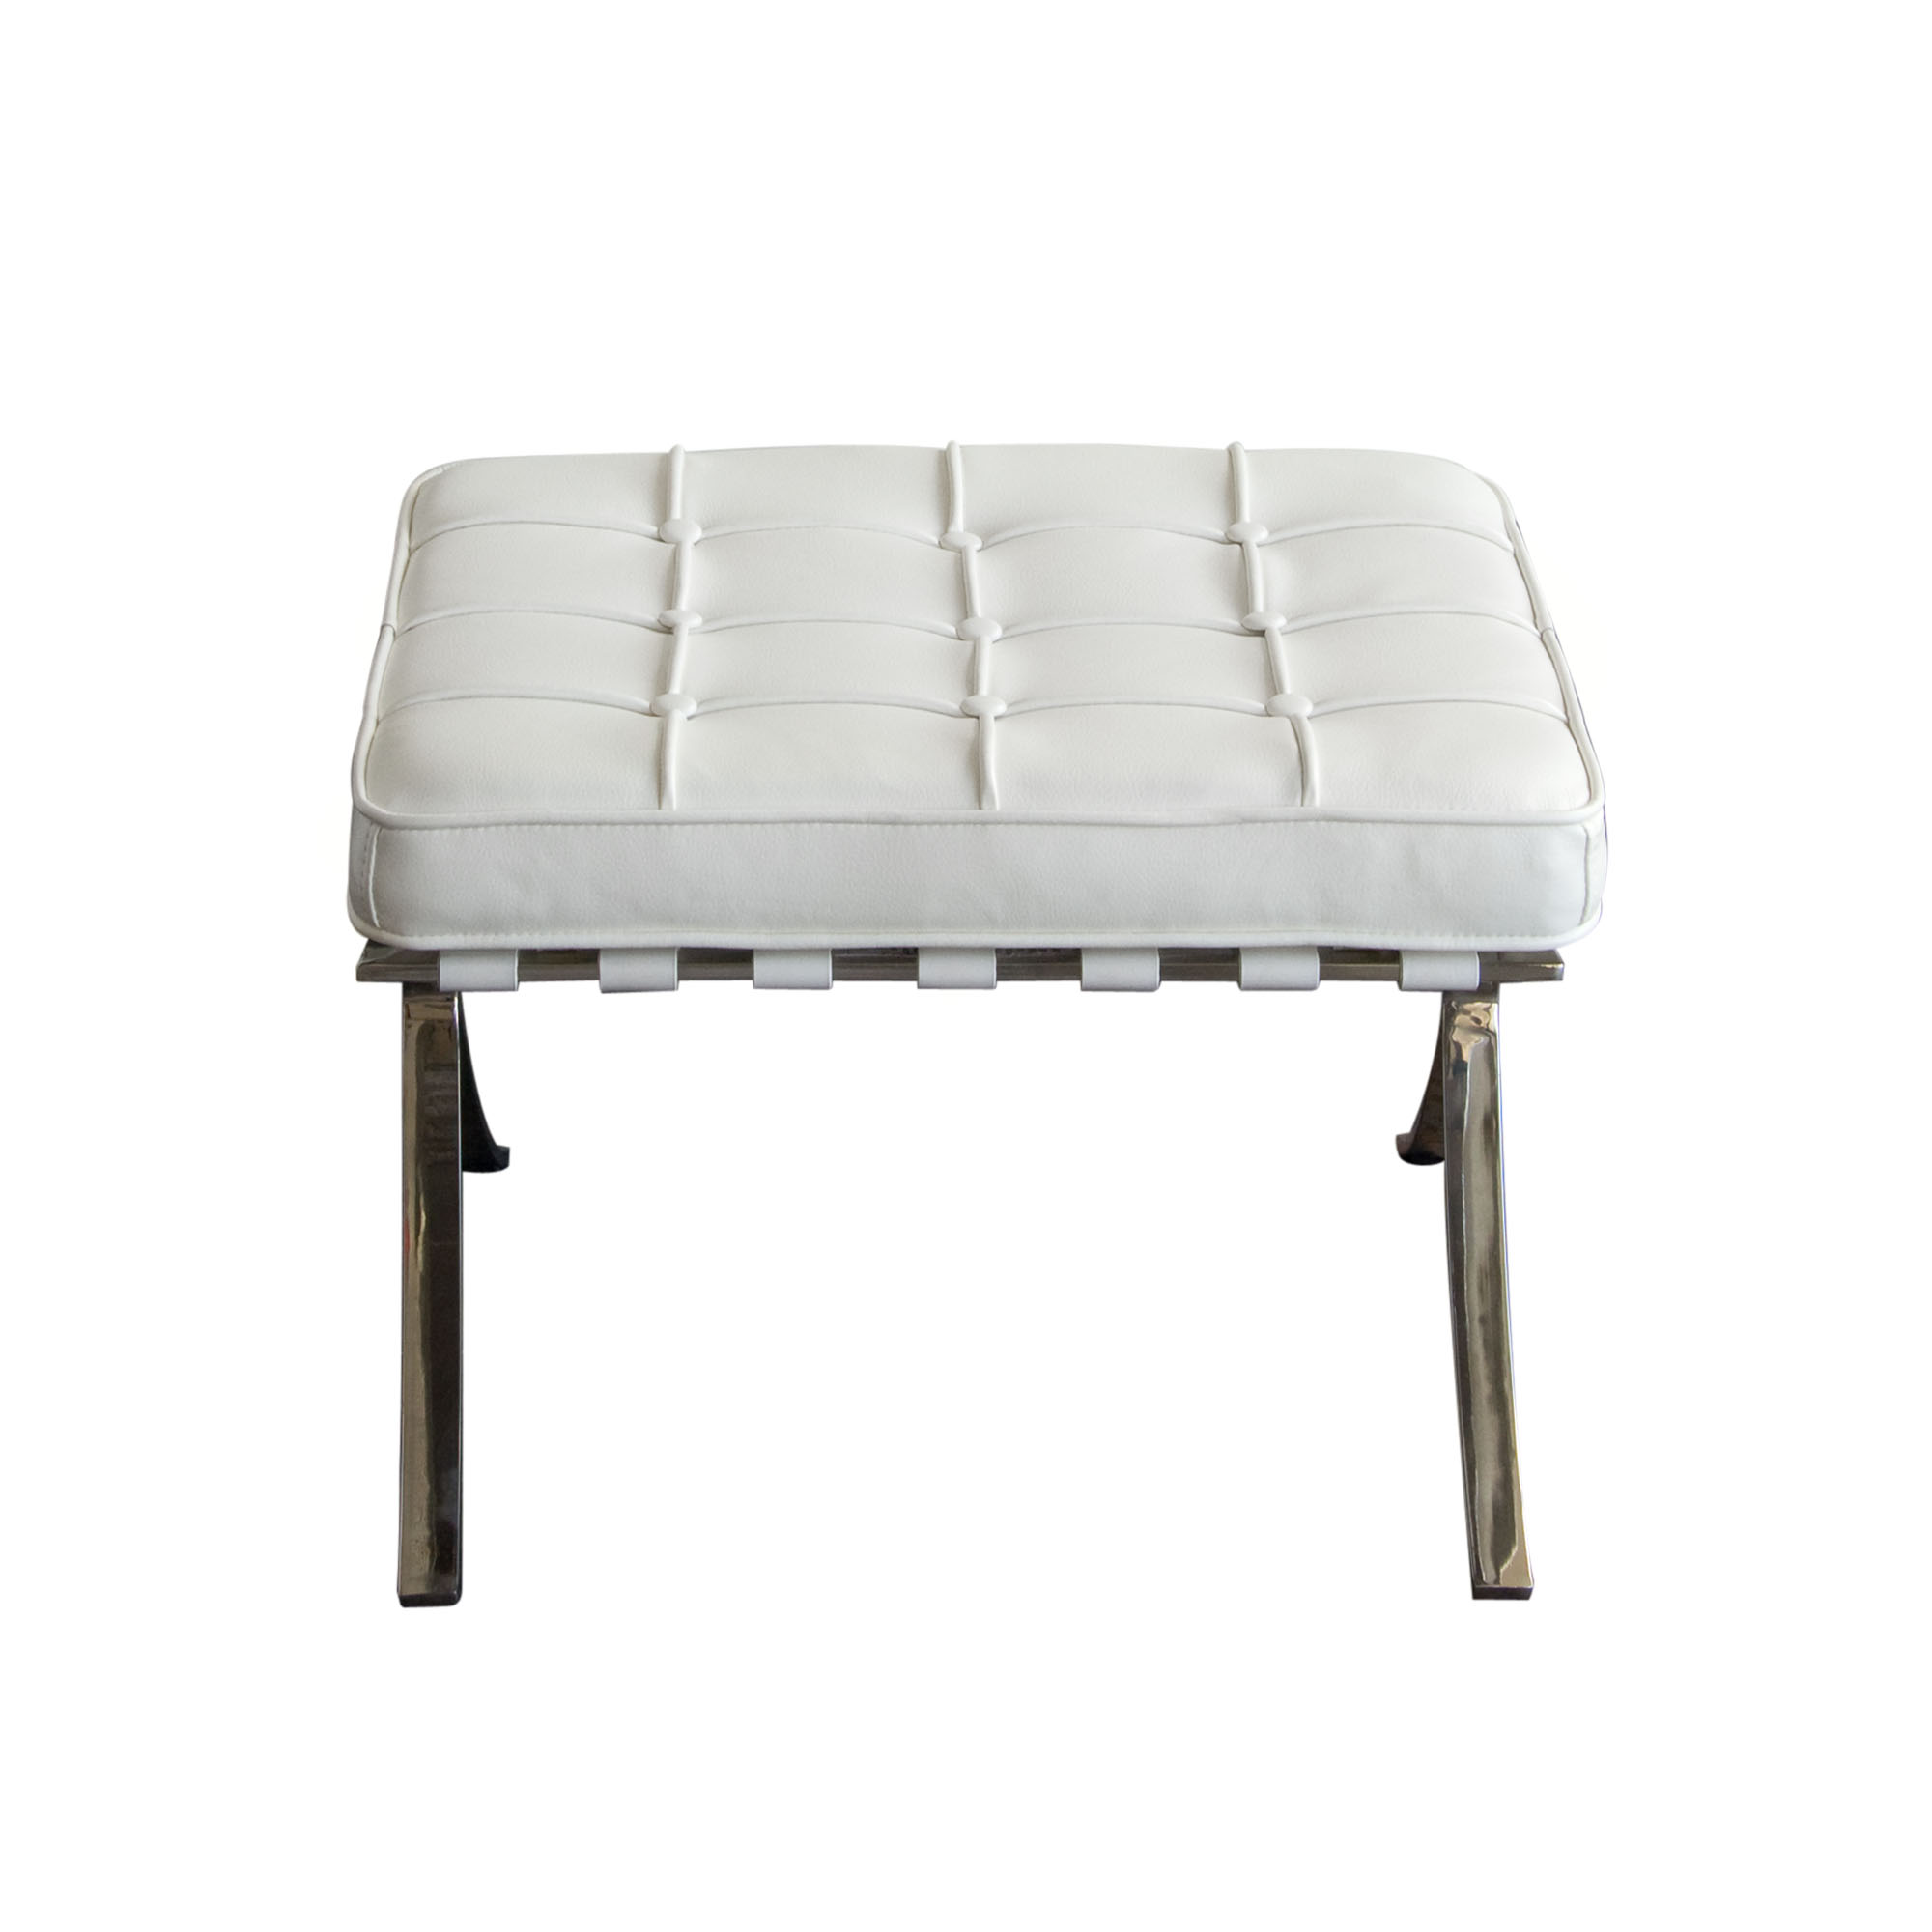 Diamond Sofa Cordoba White Ottoman - Item Number: CORDOBAOTWH